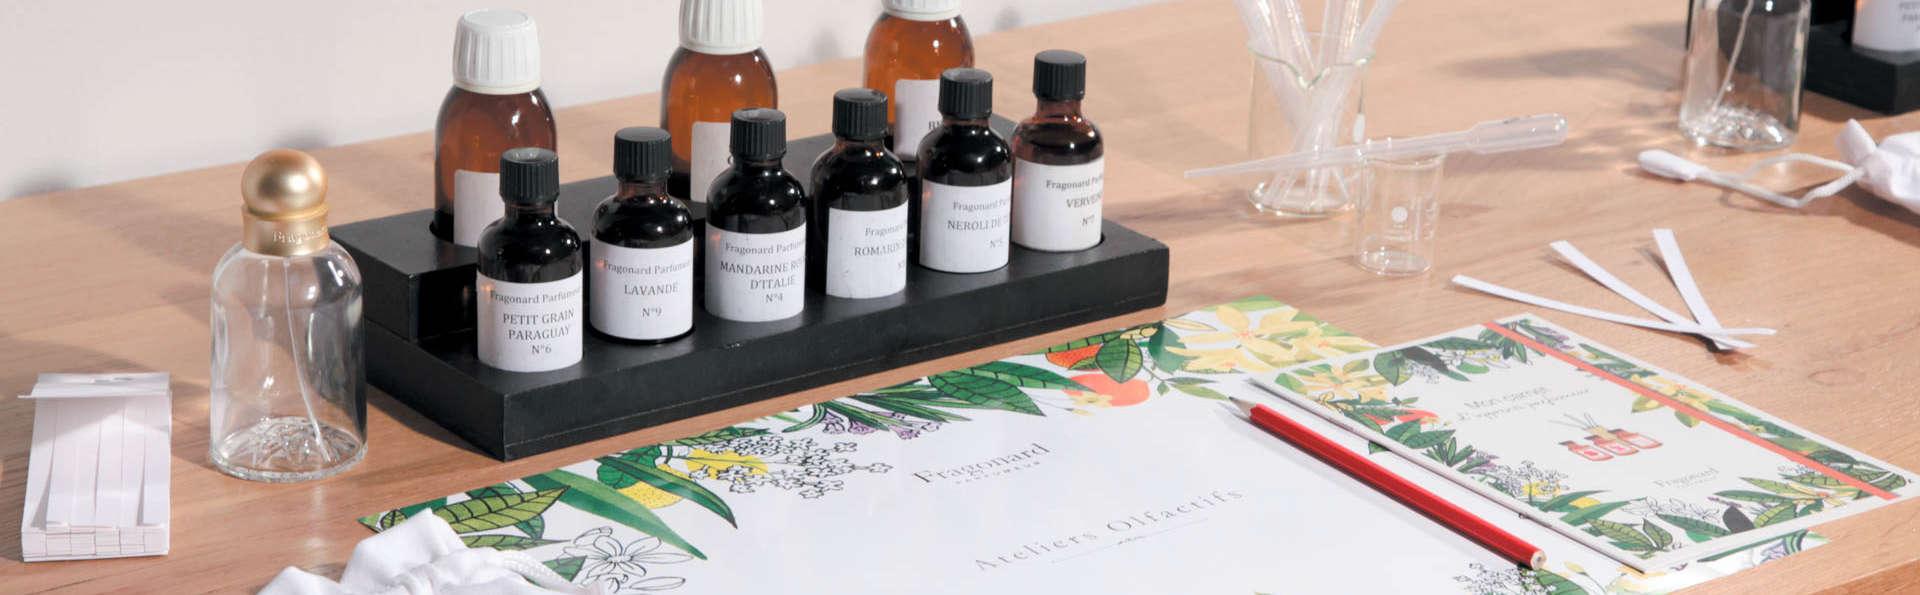 Séjour aux portes de Paris et visite du Musée du parfum Fragonard